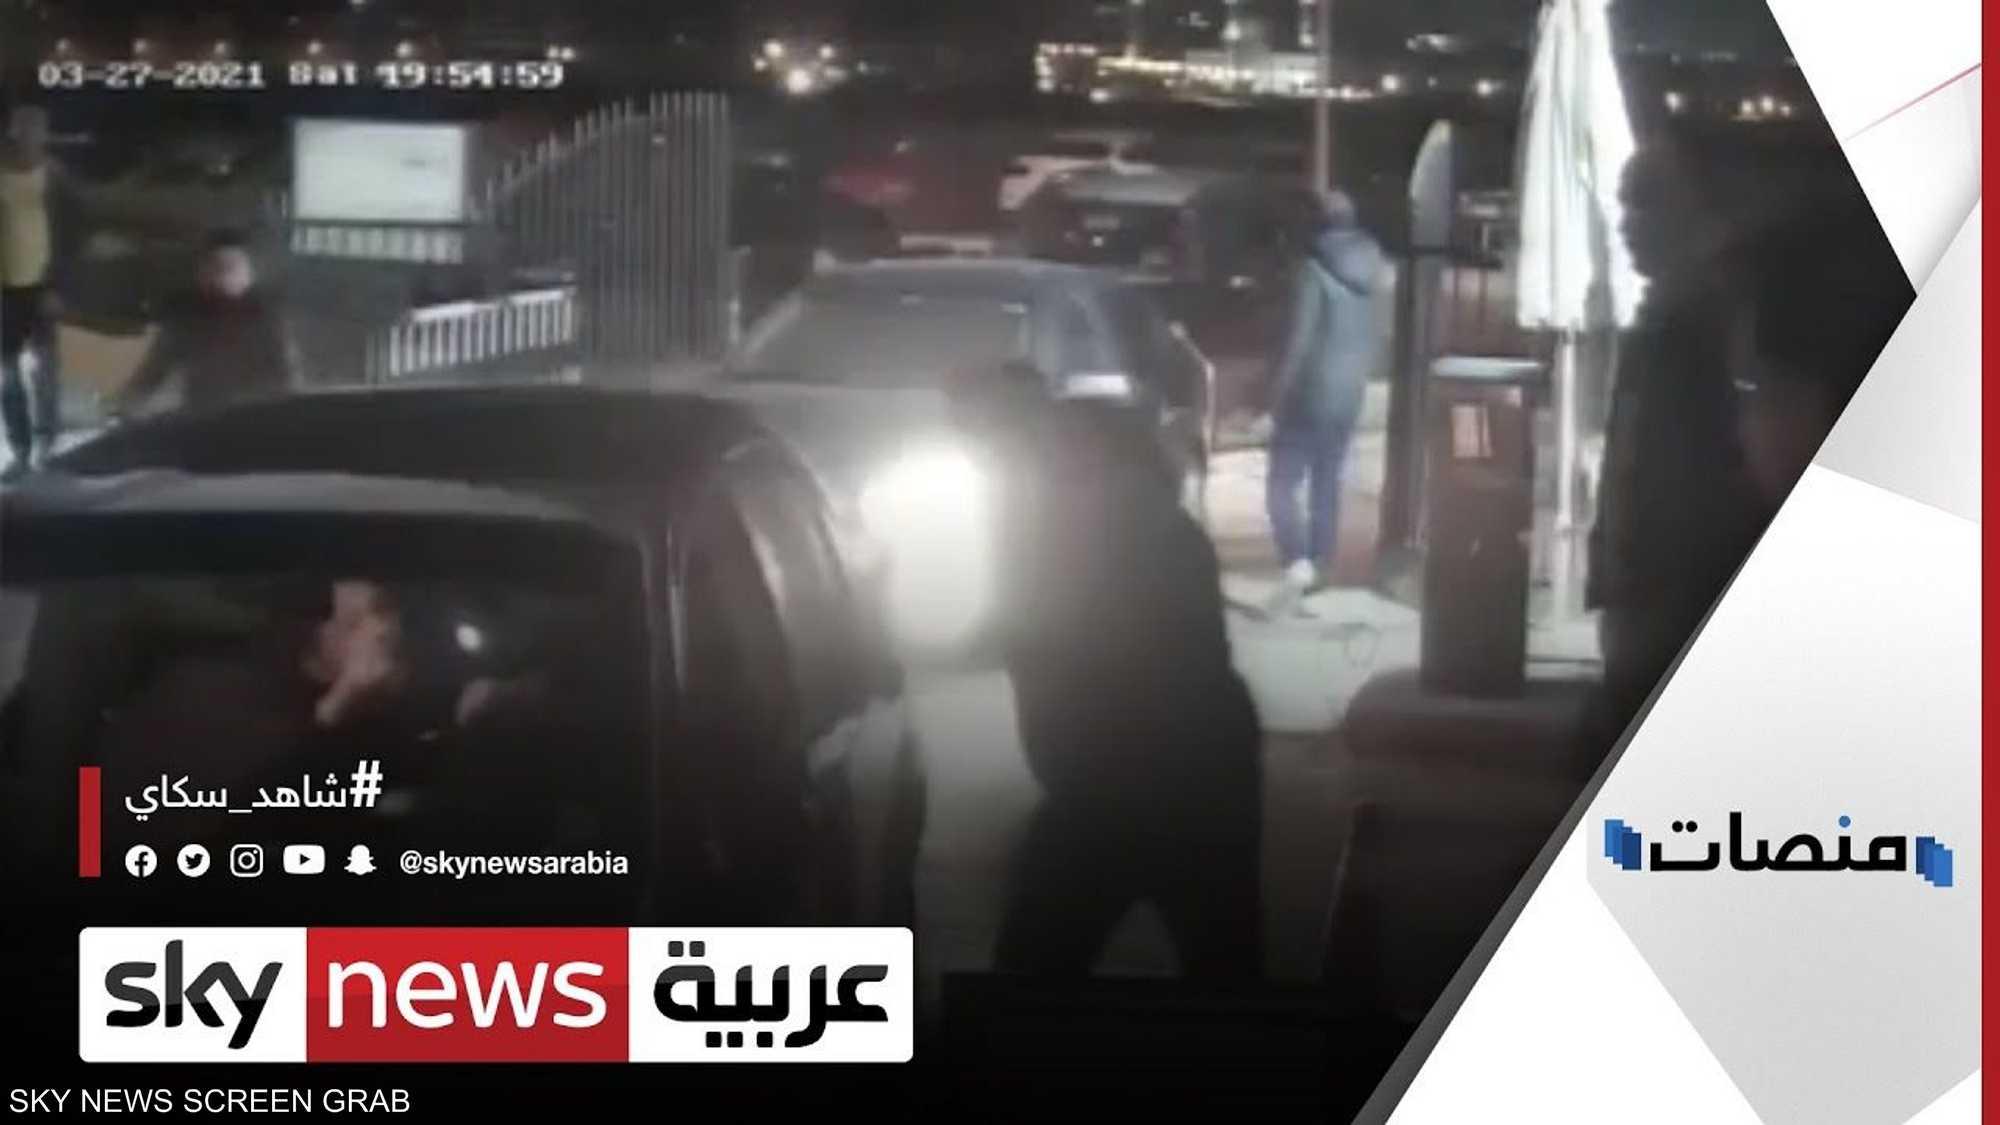 فيديو يوثق لحظة الاعتداء على الممثل المصري ياسر فرج